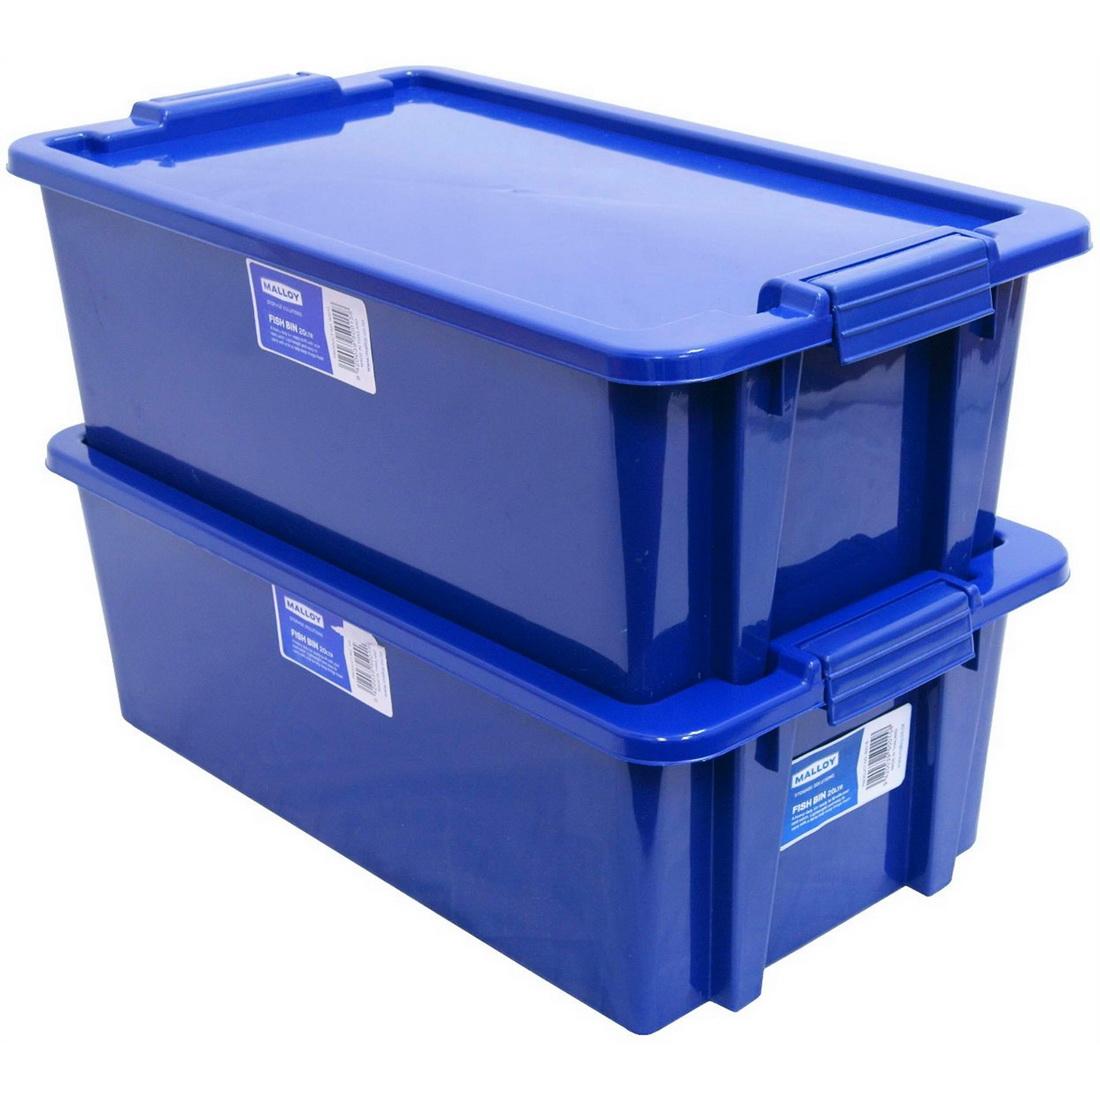 Fish Bin Plastic Storage With Lid 20L Blue S0015